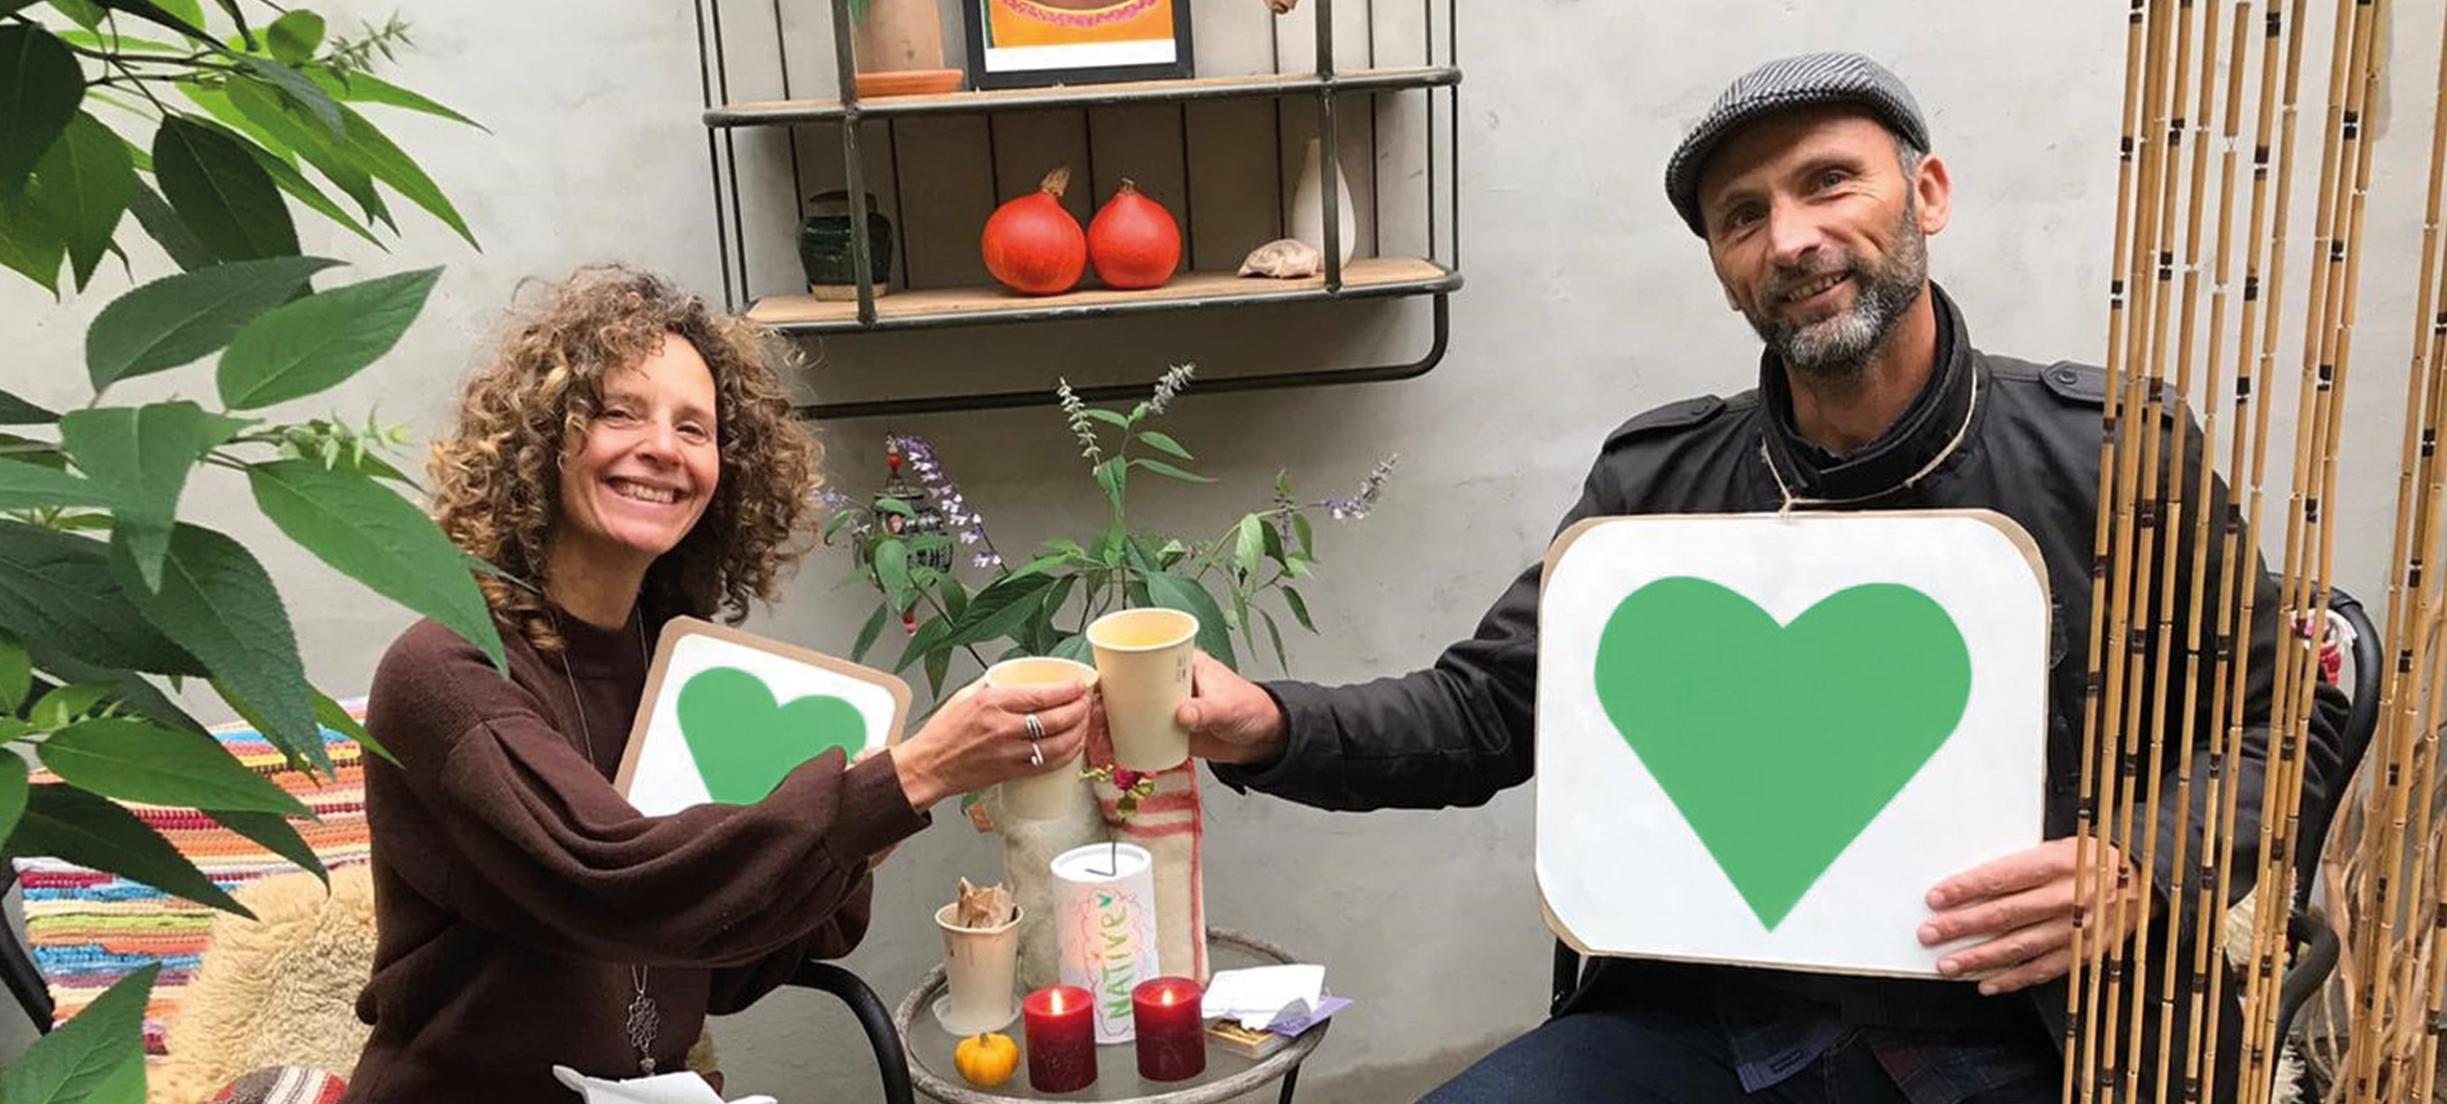 Robbert fietst elke dag door Haarlem met een groot groen hart